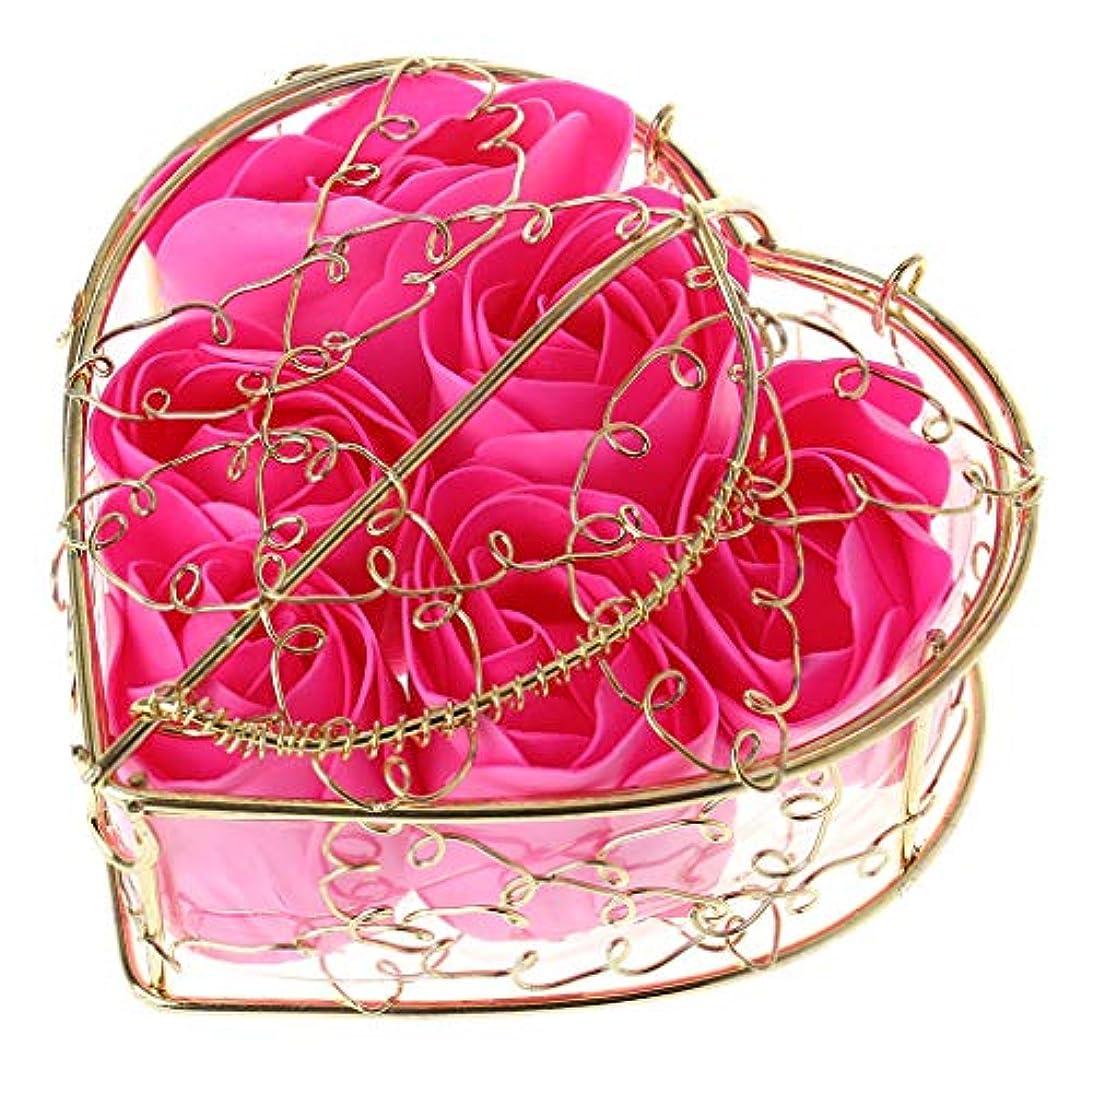 作曲する敗北測定Kaman-co 6本の香りのバラの花びら、入浴ボディーソープ、ウェディングパーティーの装飾ギフト、バレンタインデーの贈り物 (HP)